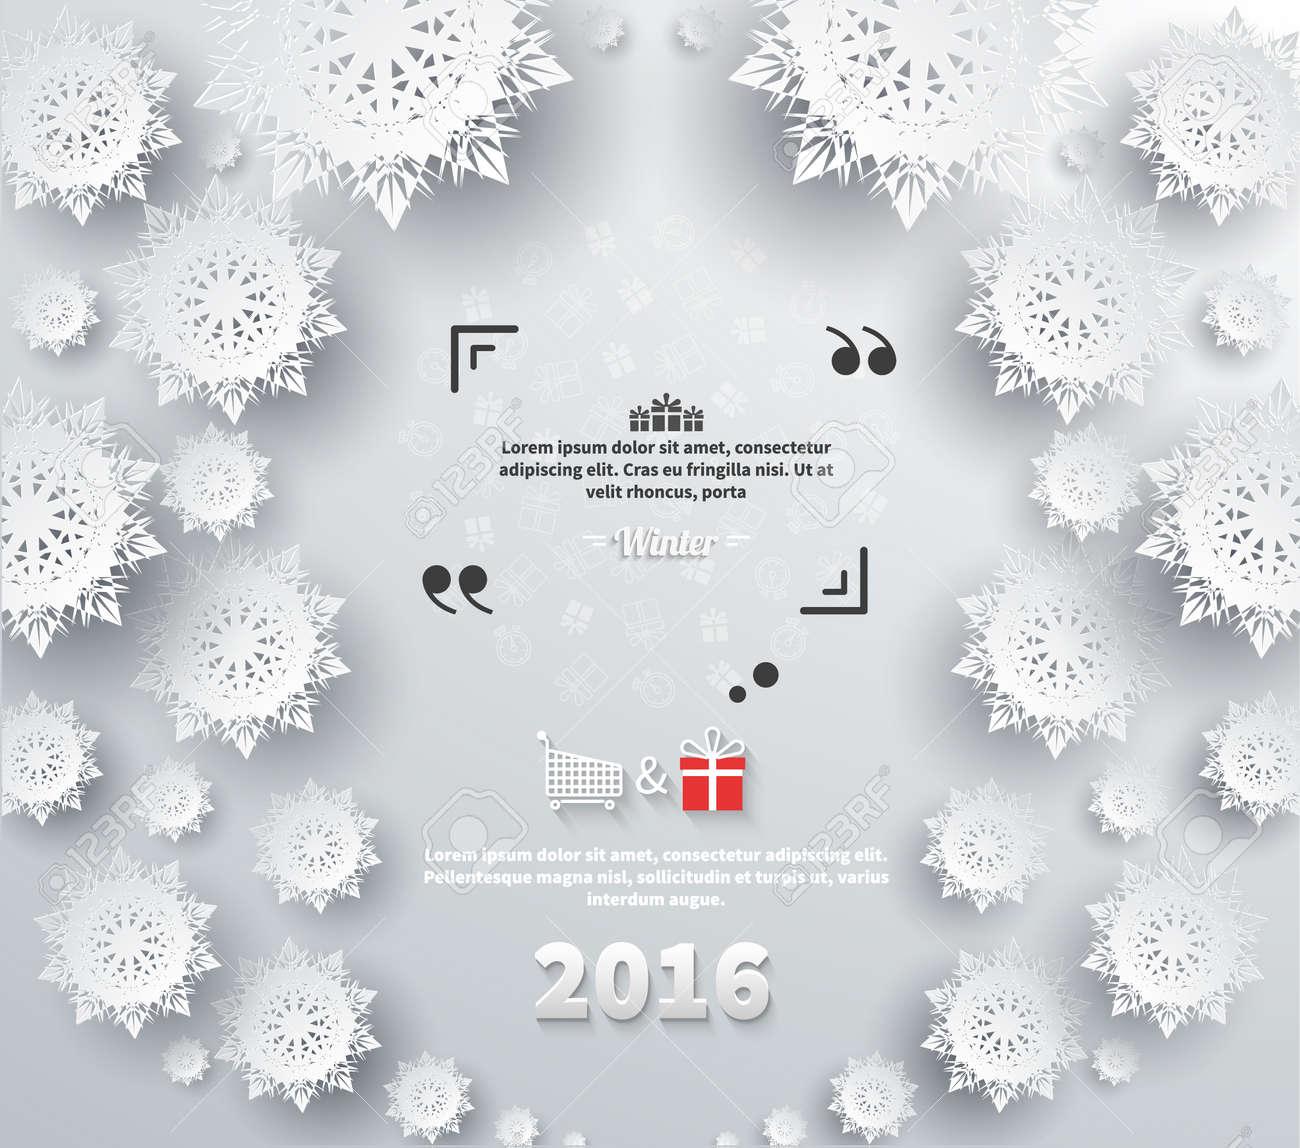 Snowflakes Fond Pour L Hiver Et La Nouvelle Année Le Thème De Noël Neige Noël Flocon De Neige Fond Flocon De Neige L Hiver 2016 Citation Bulle